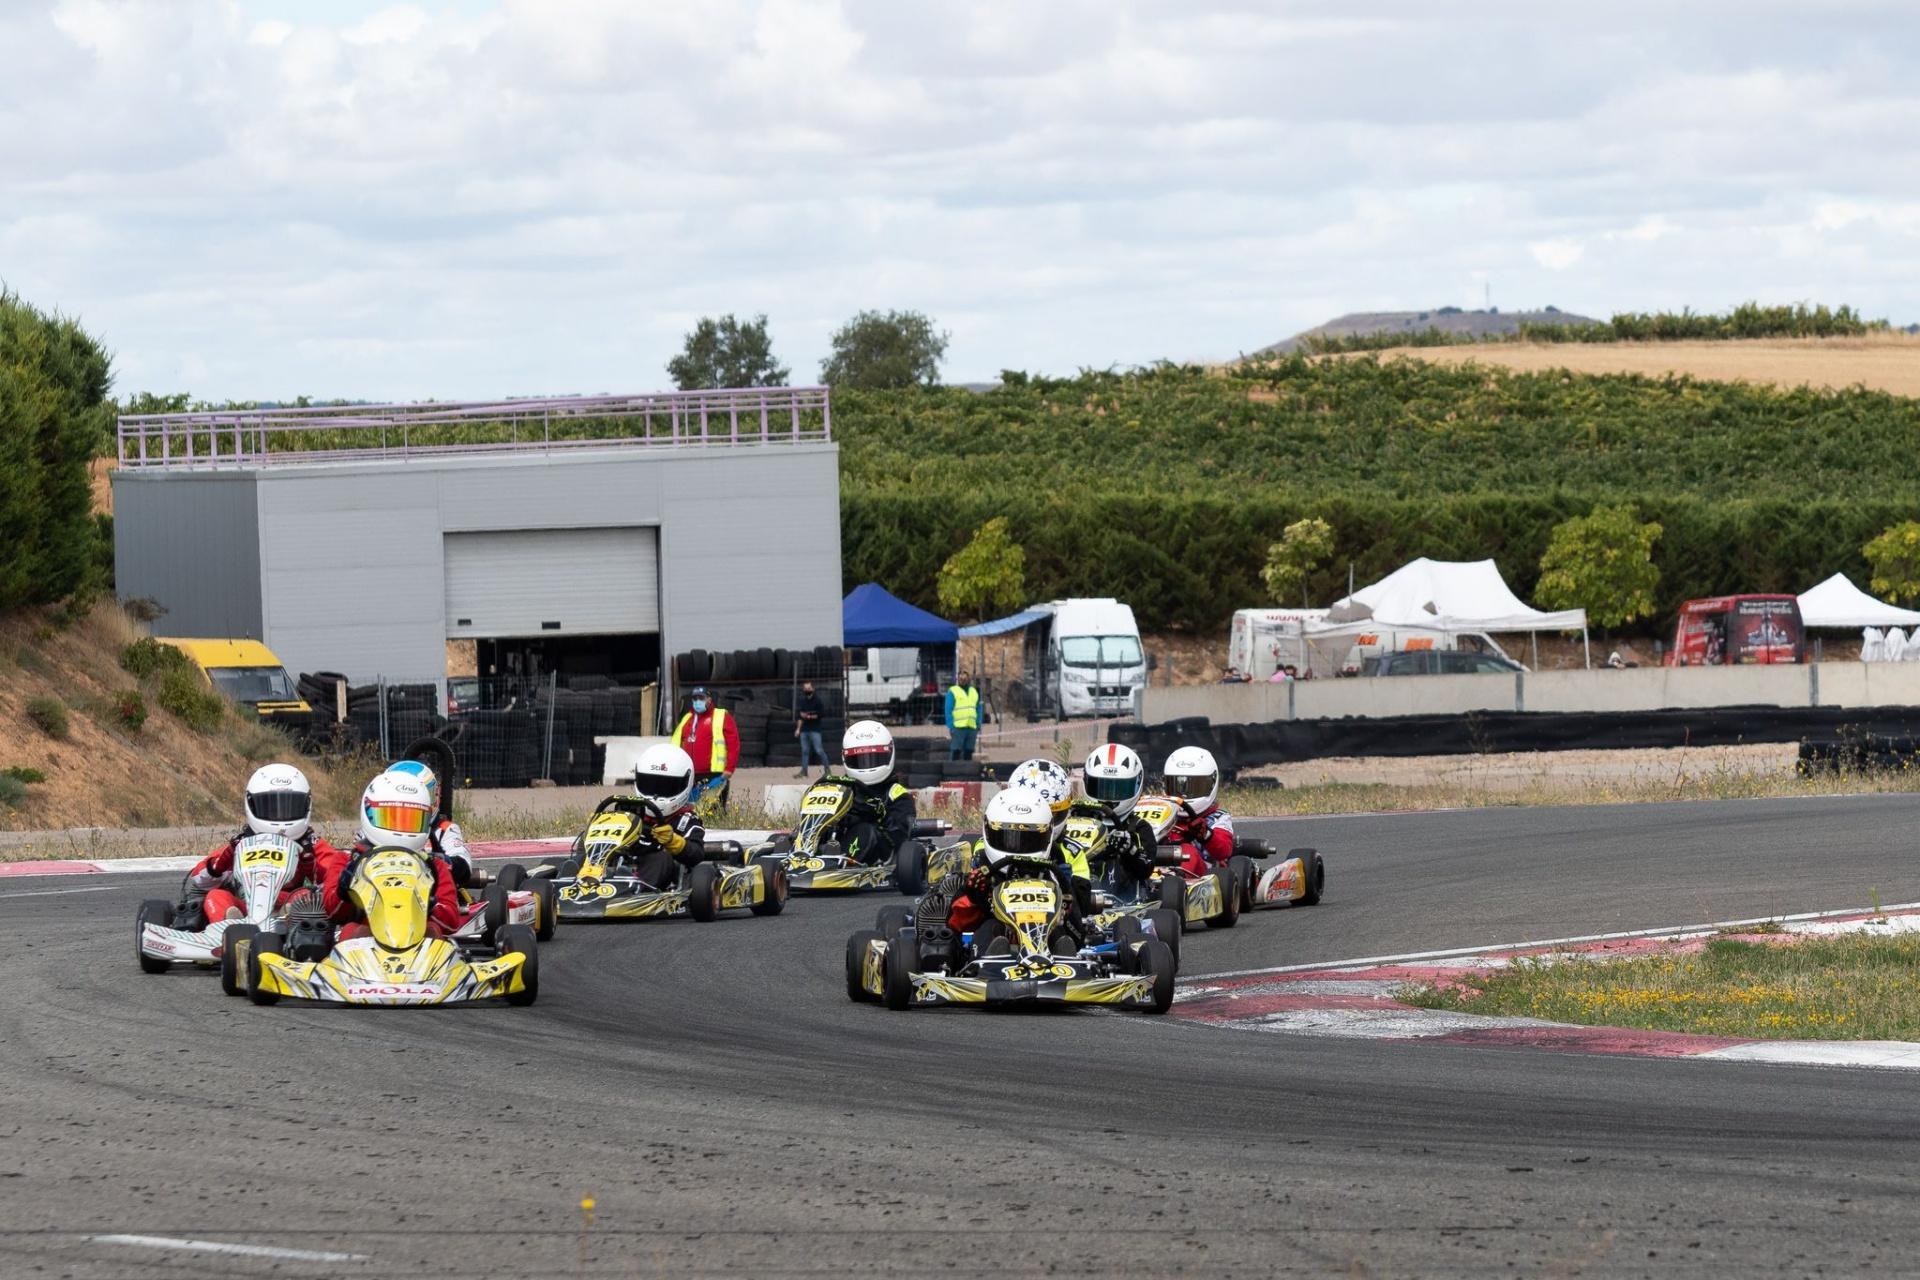 El Campeonato de Karting de Castilla y León superó su ecuador